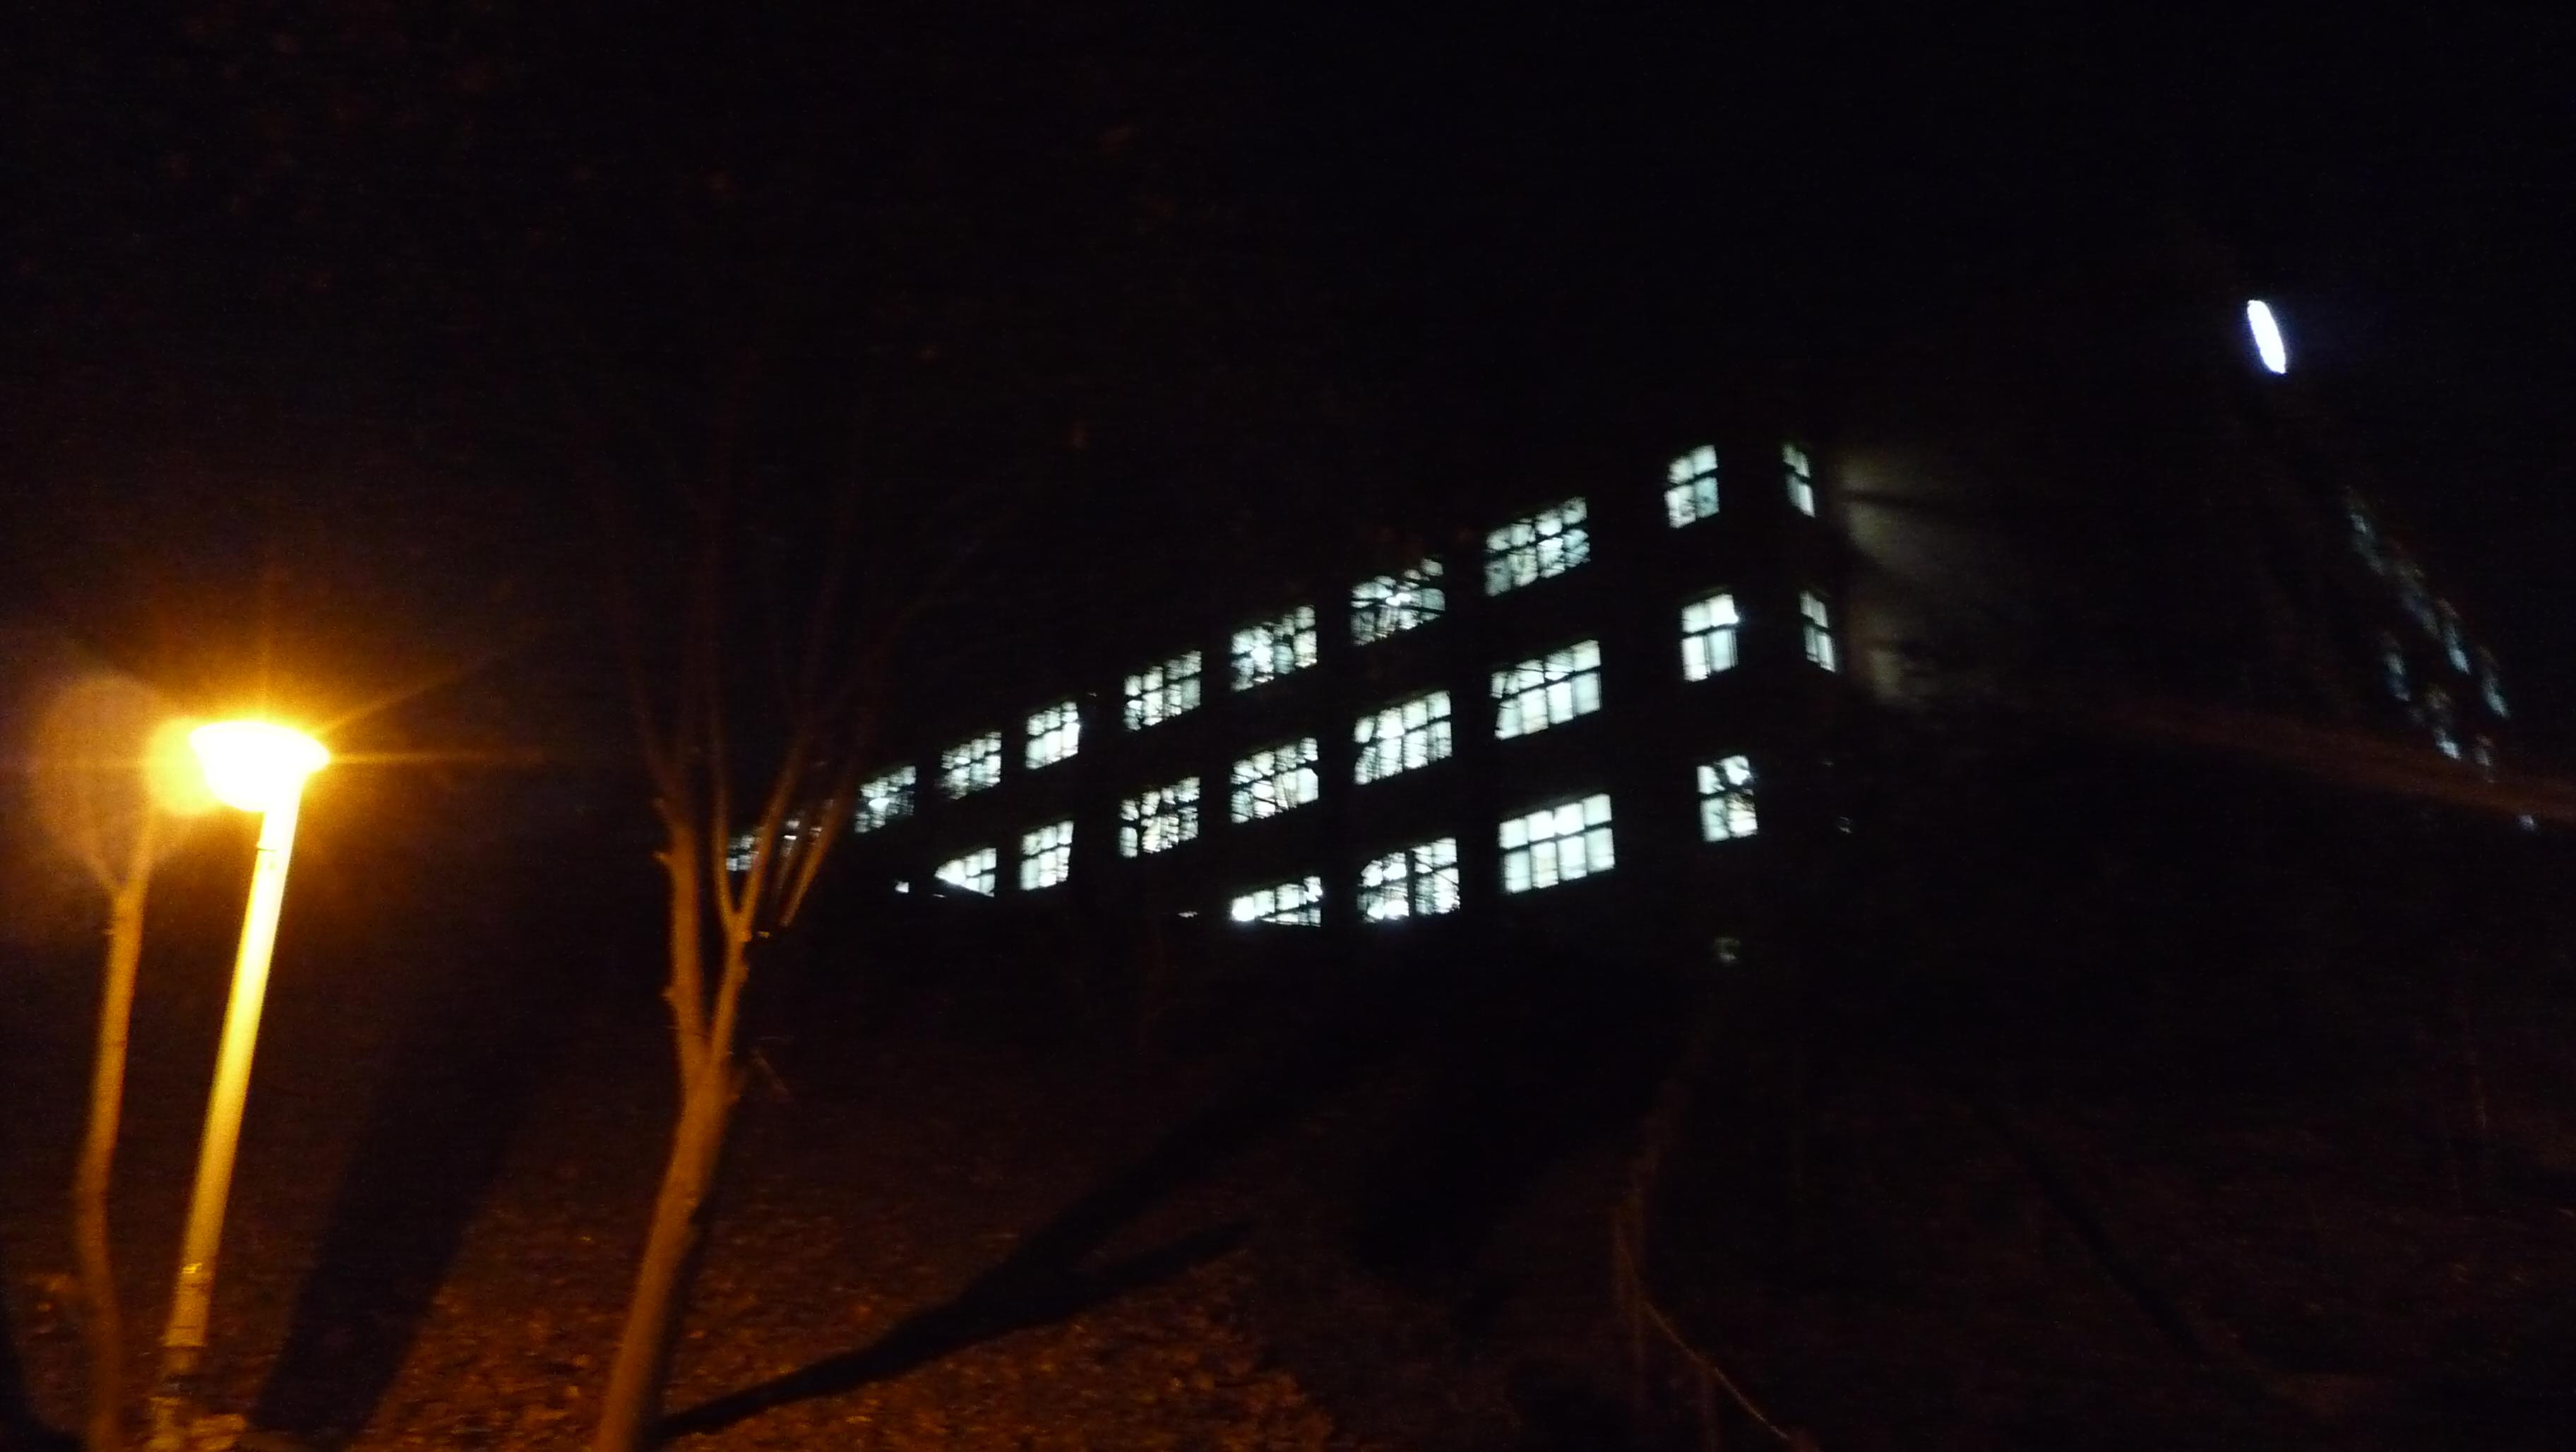 2008/12/2 밤의 보인 첨부이미지